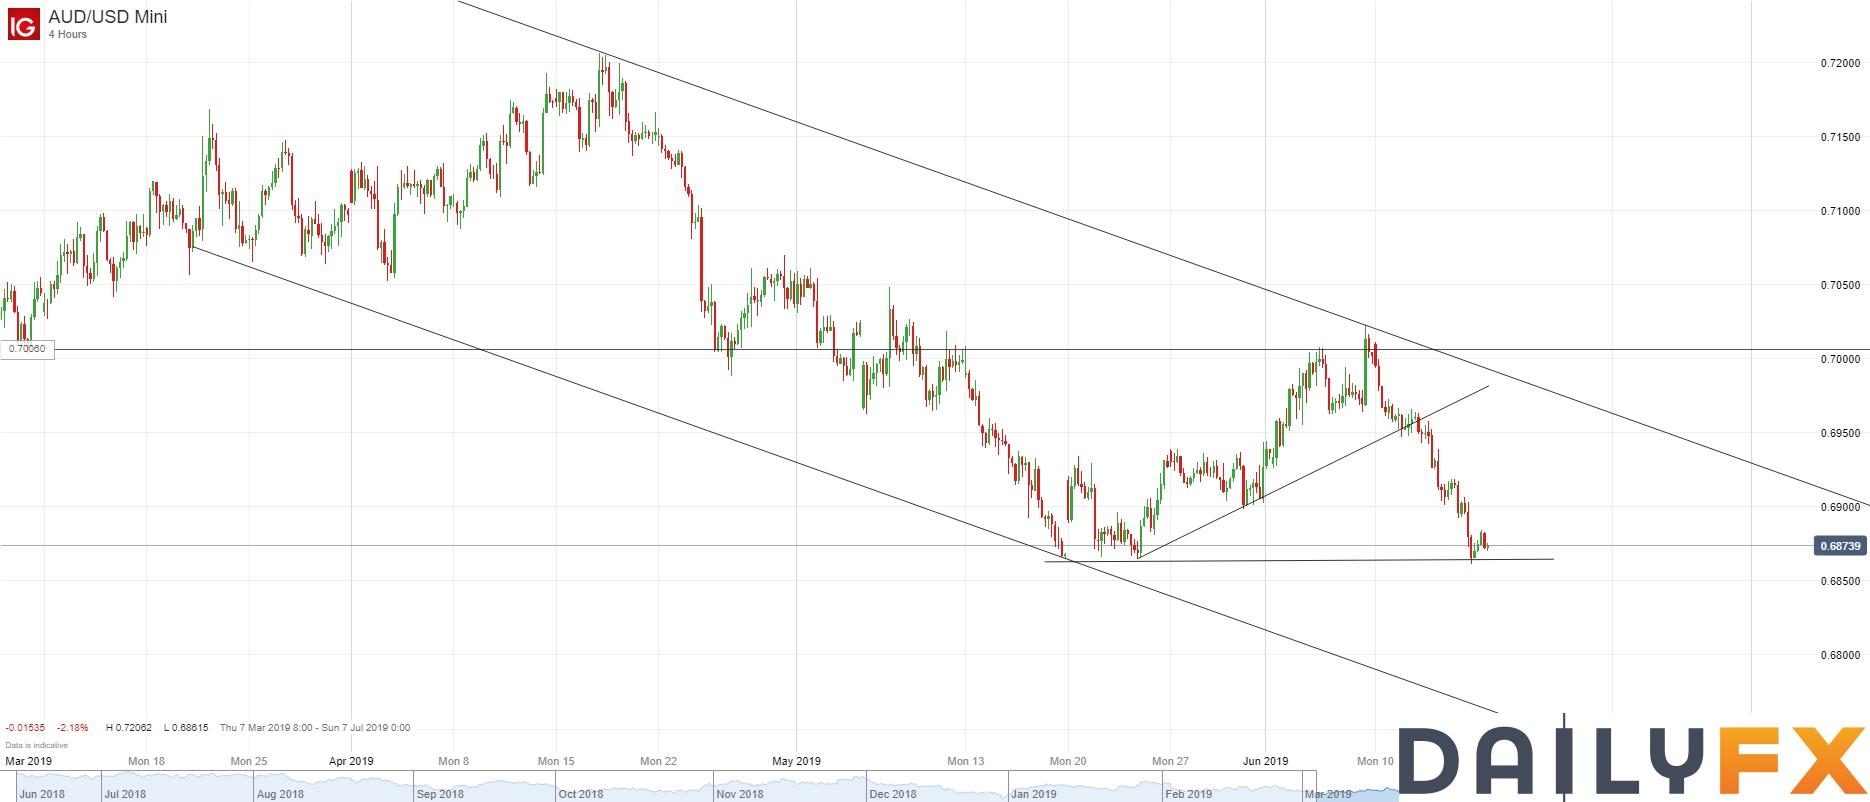 澳元/美元技術分析:大跌至前低附近,日圖關注潛在的下行通道